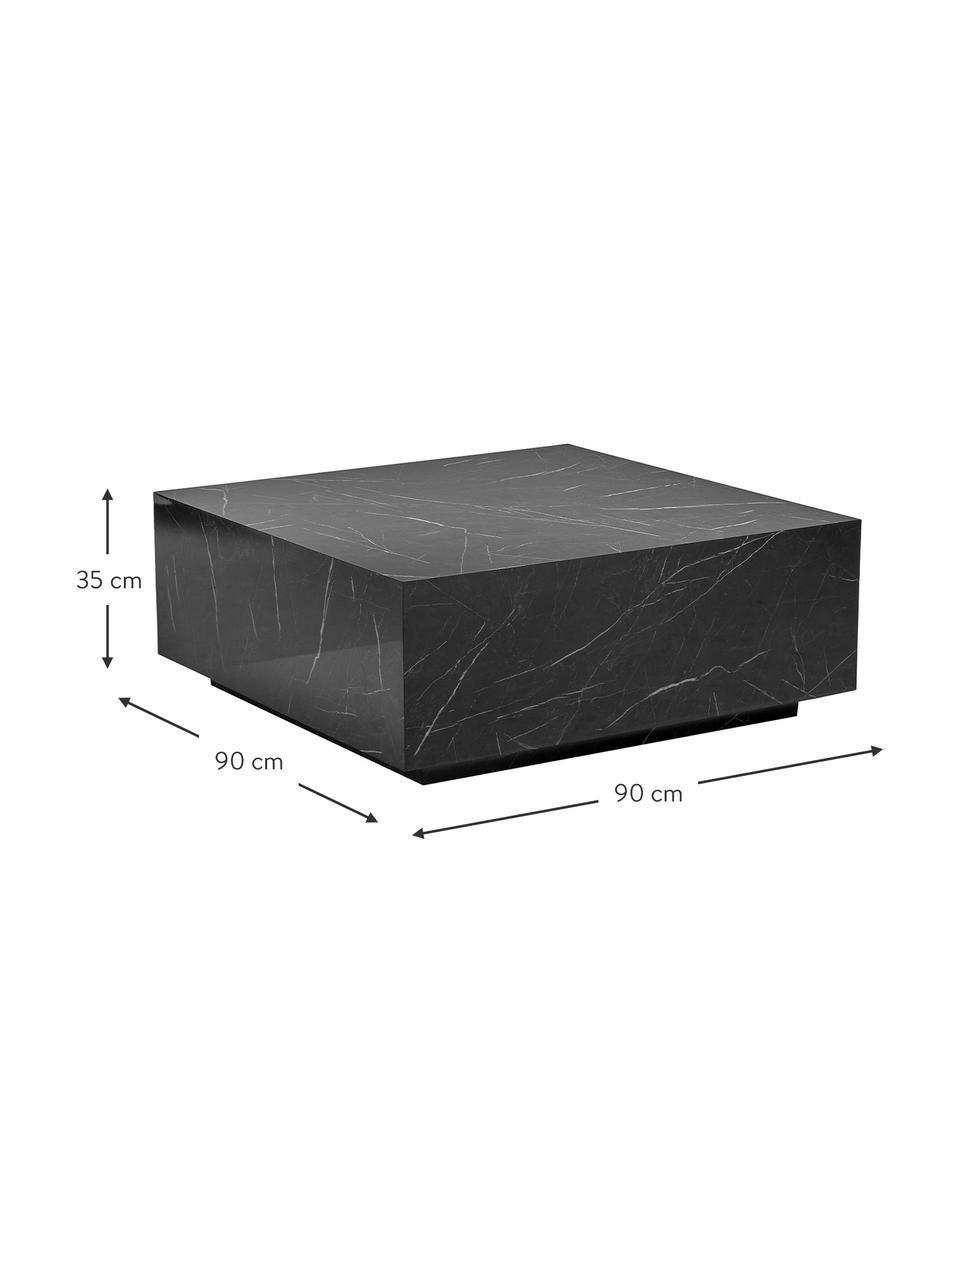 Schwebender Couchtisch Lesley in Marmor-Optik, Mitteldichte Holzfaserplatte (MDF), mit Melaminfolie überzogen, Schwarz, Marmor-Optik, 90 x 35 cm